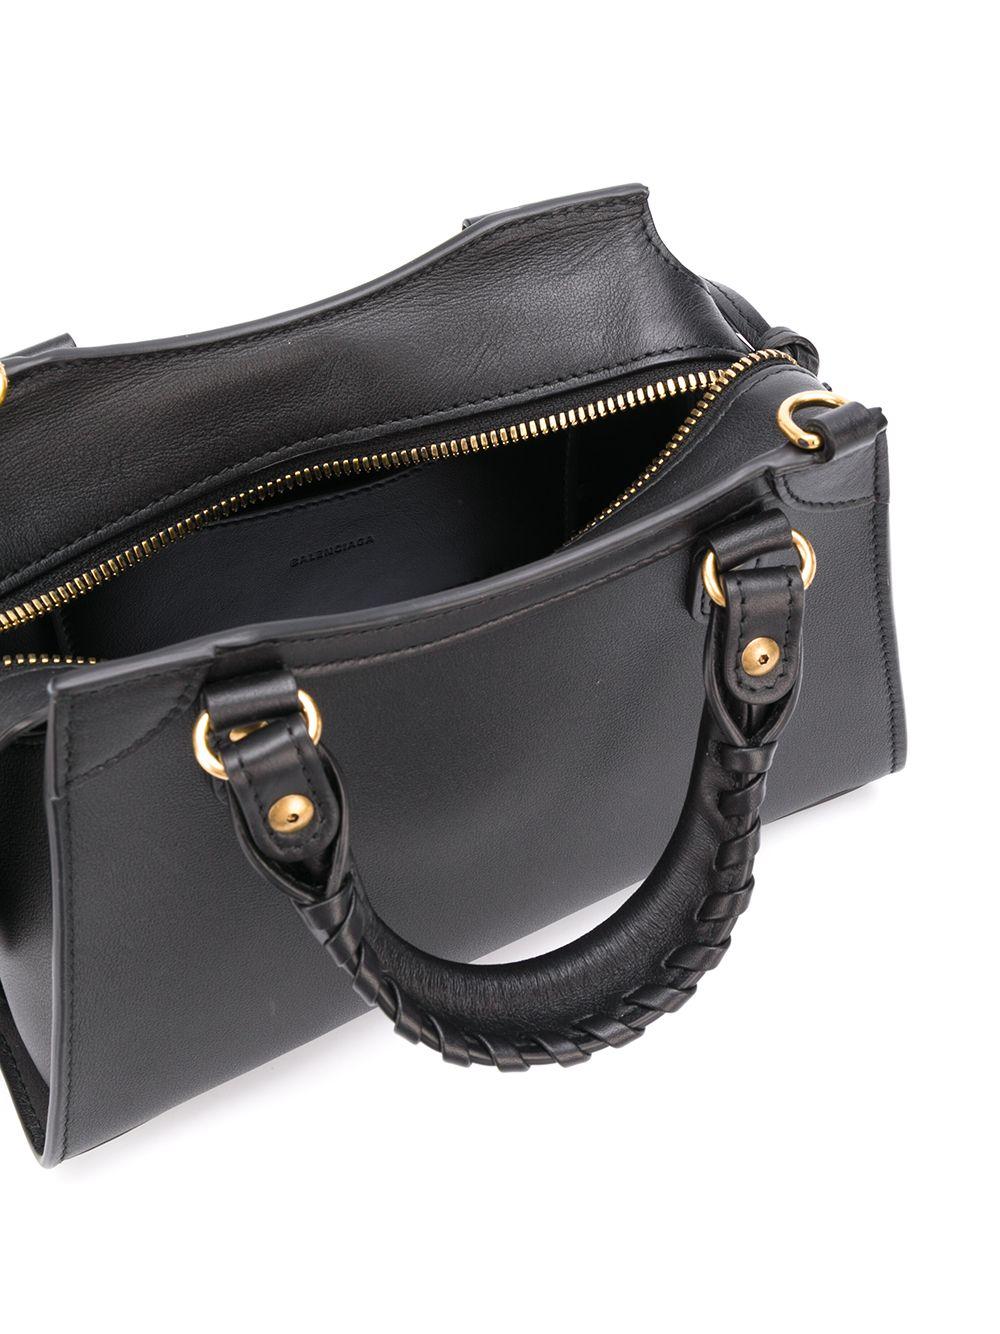 Picture of Balenciaga | Neo Classic Mini Top Handle Tote Bag